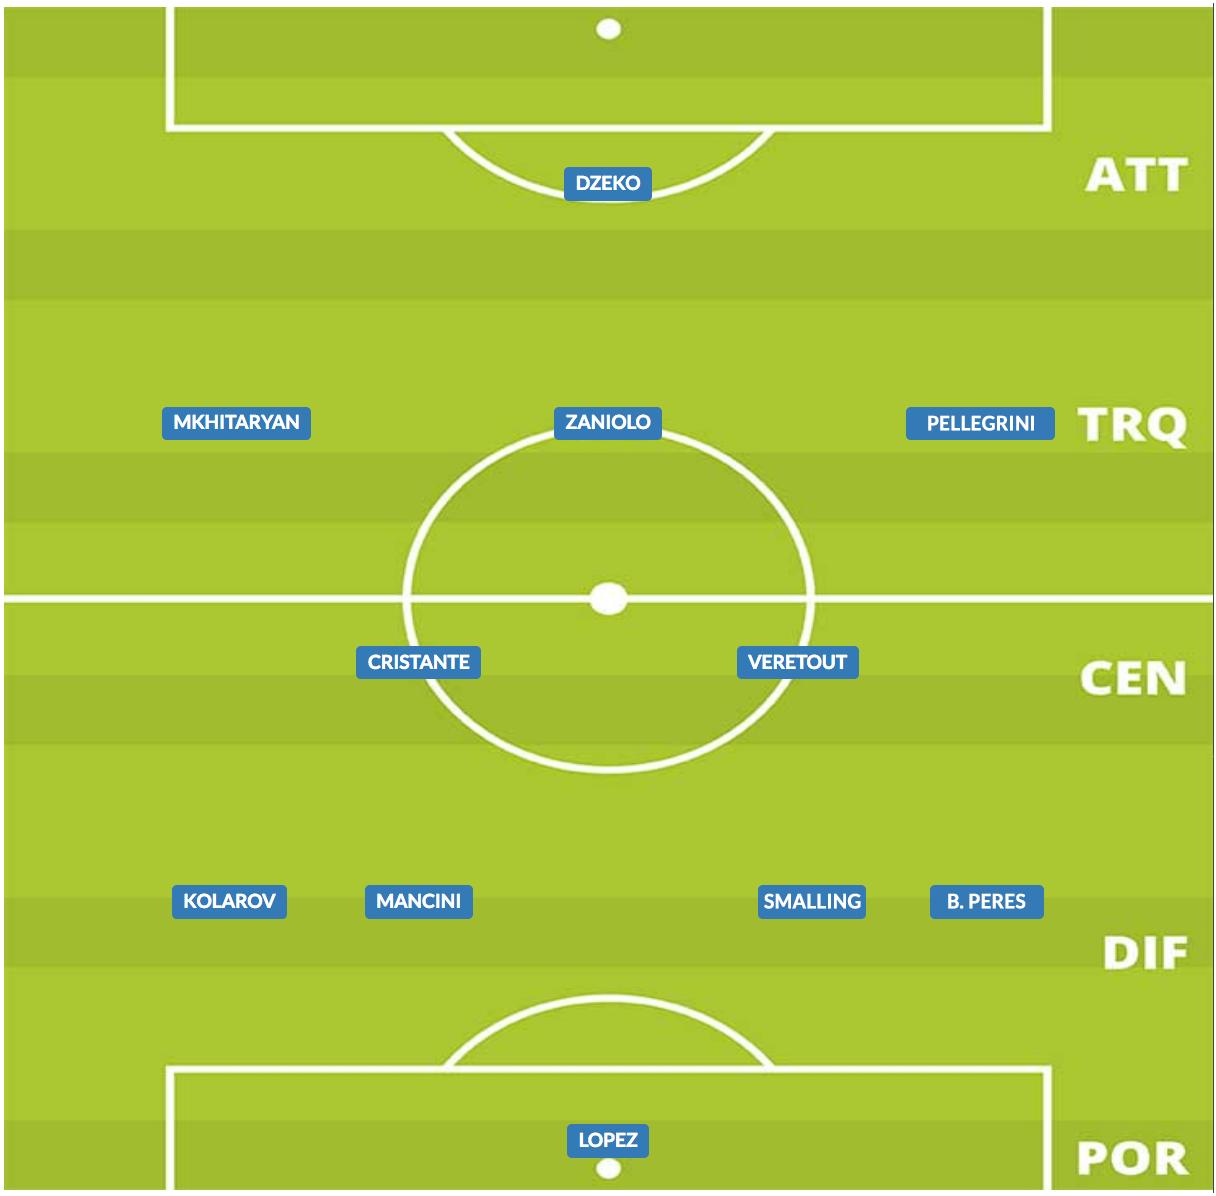 probabile formazione roma 2019/20